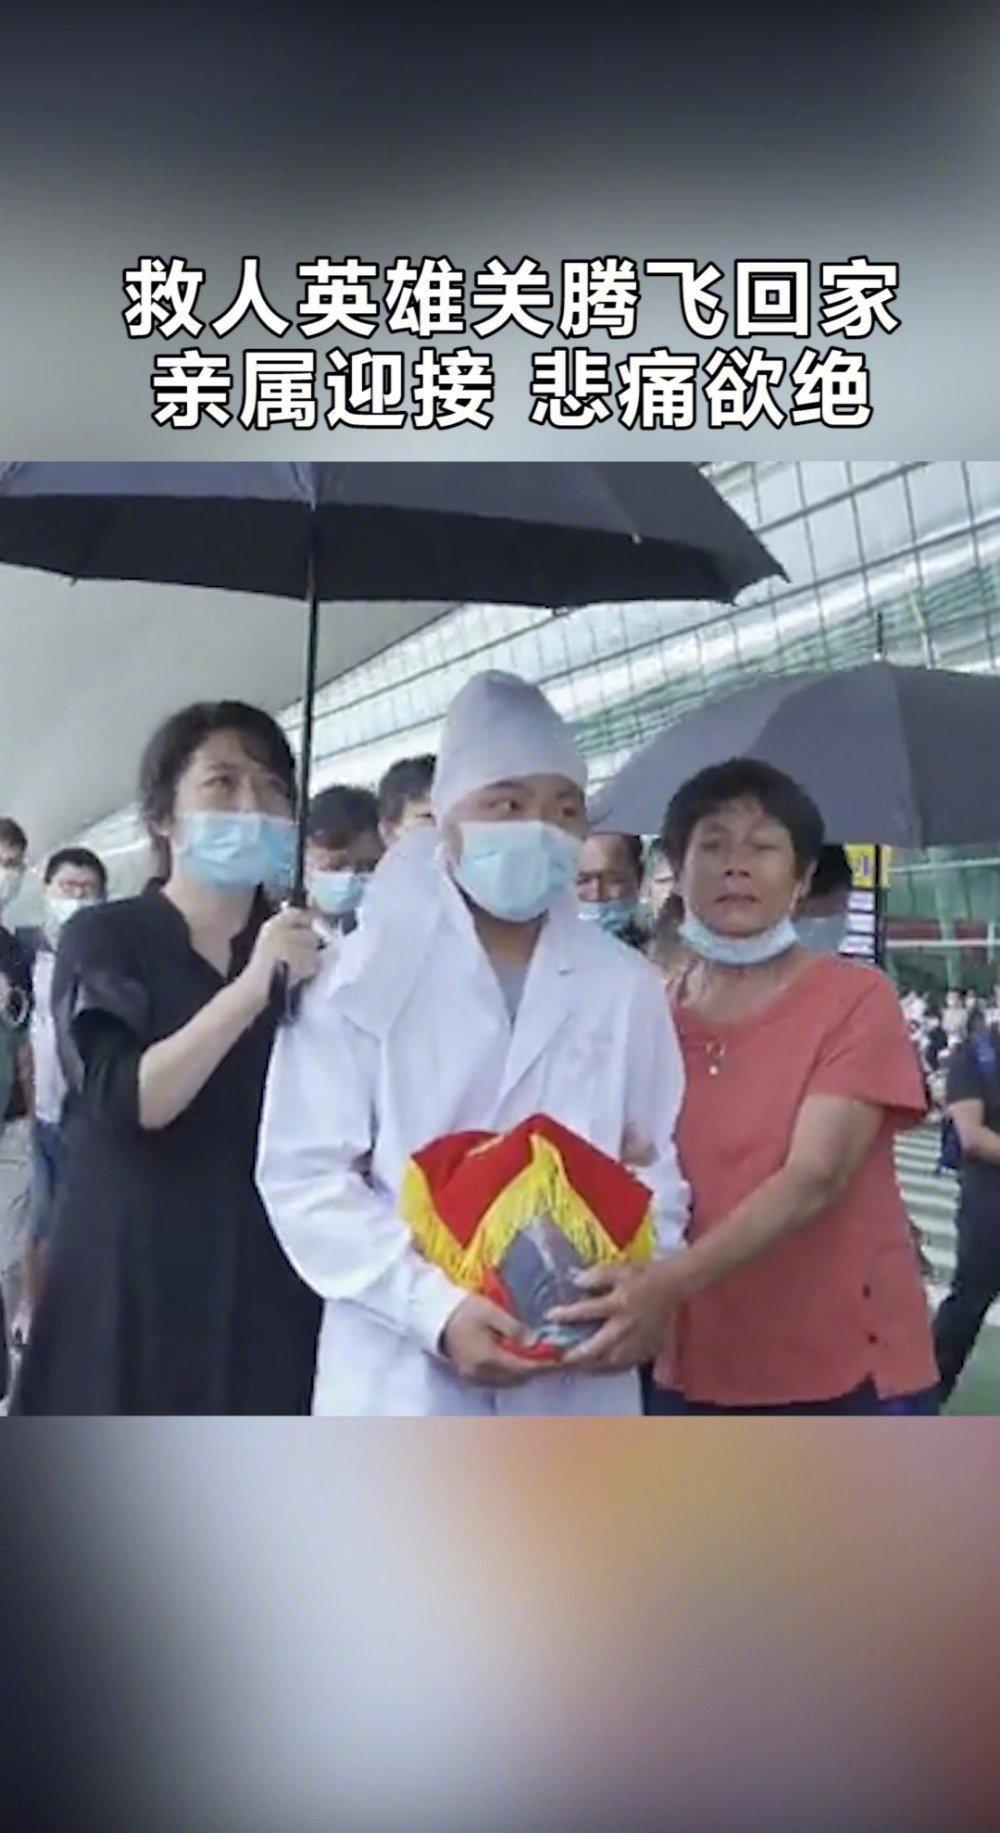 这一幕泪奔!救人英雄关腾飞骨灰抵达武汉天河机场